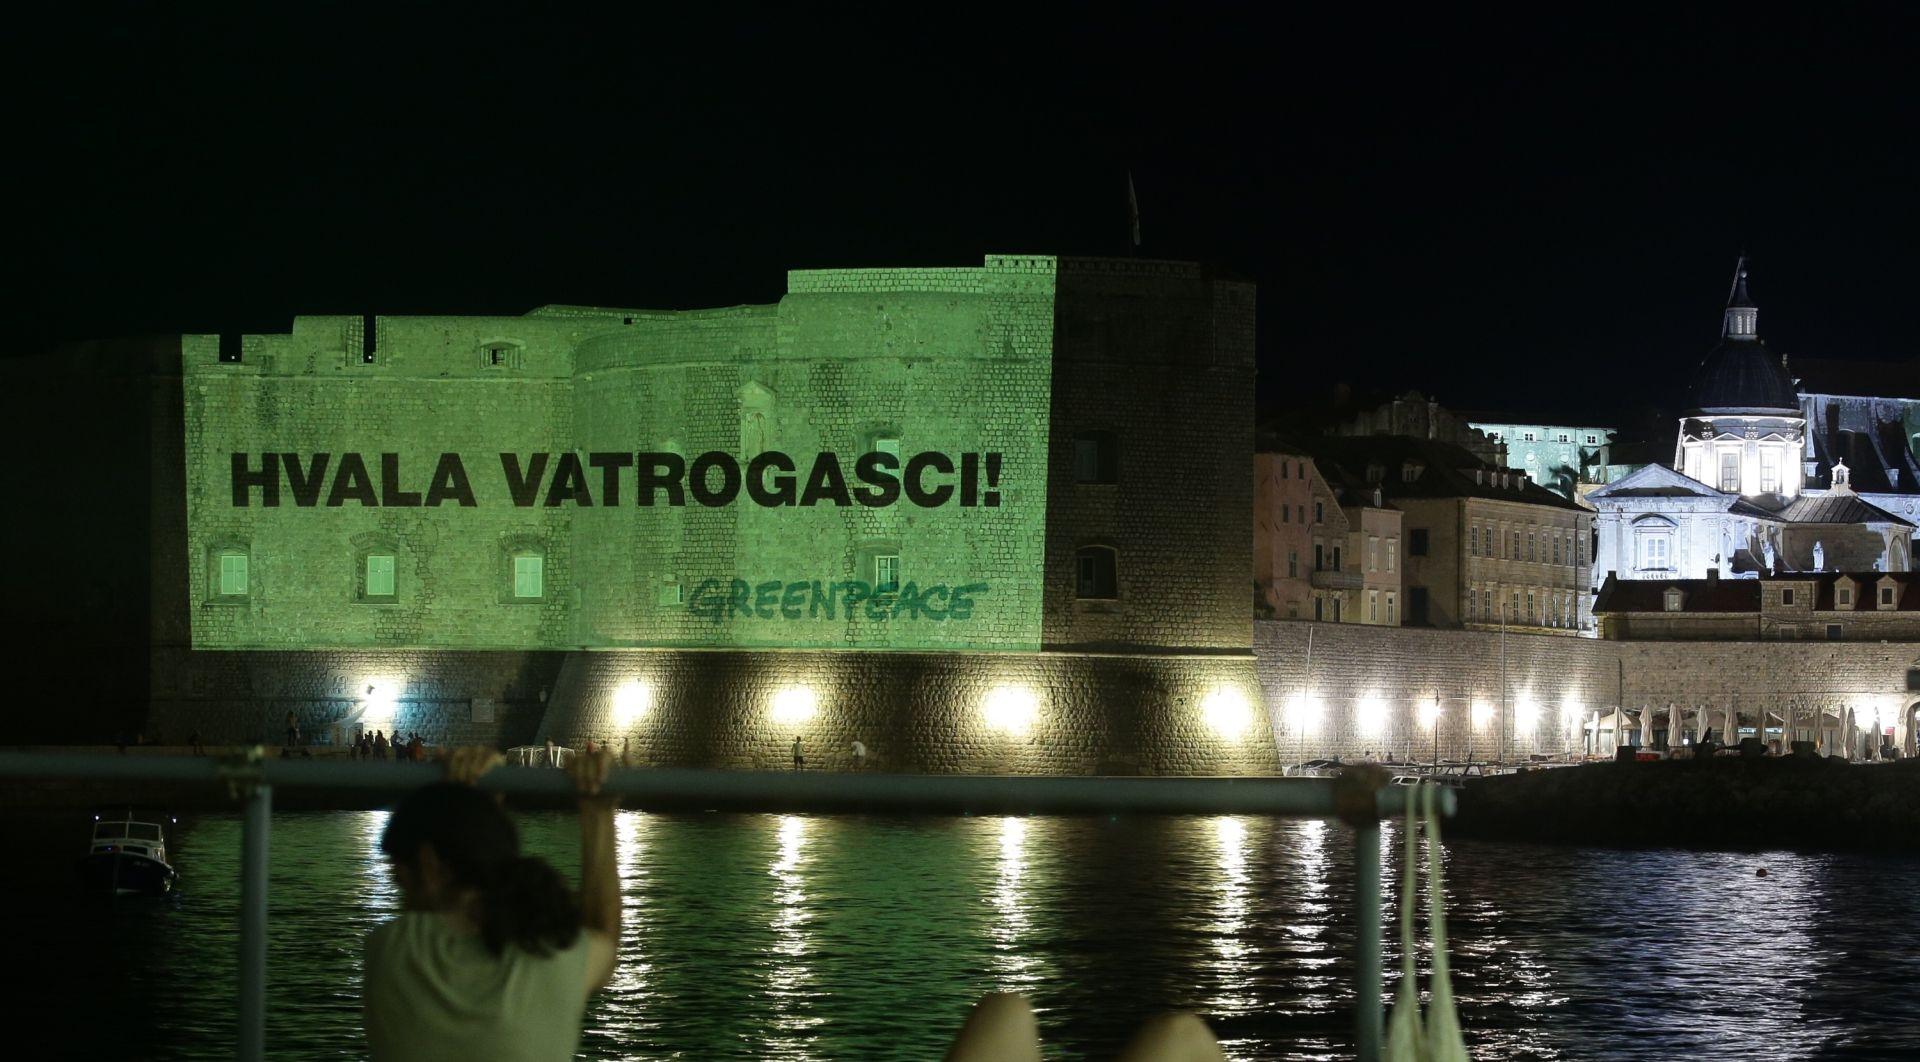 FOTO: ZAHVALA VATROGASCIMA Greenpeace iz Dubrovnika pozvao Vladu da ne potpisuje ugovore s naftnim kompanijama